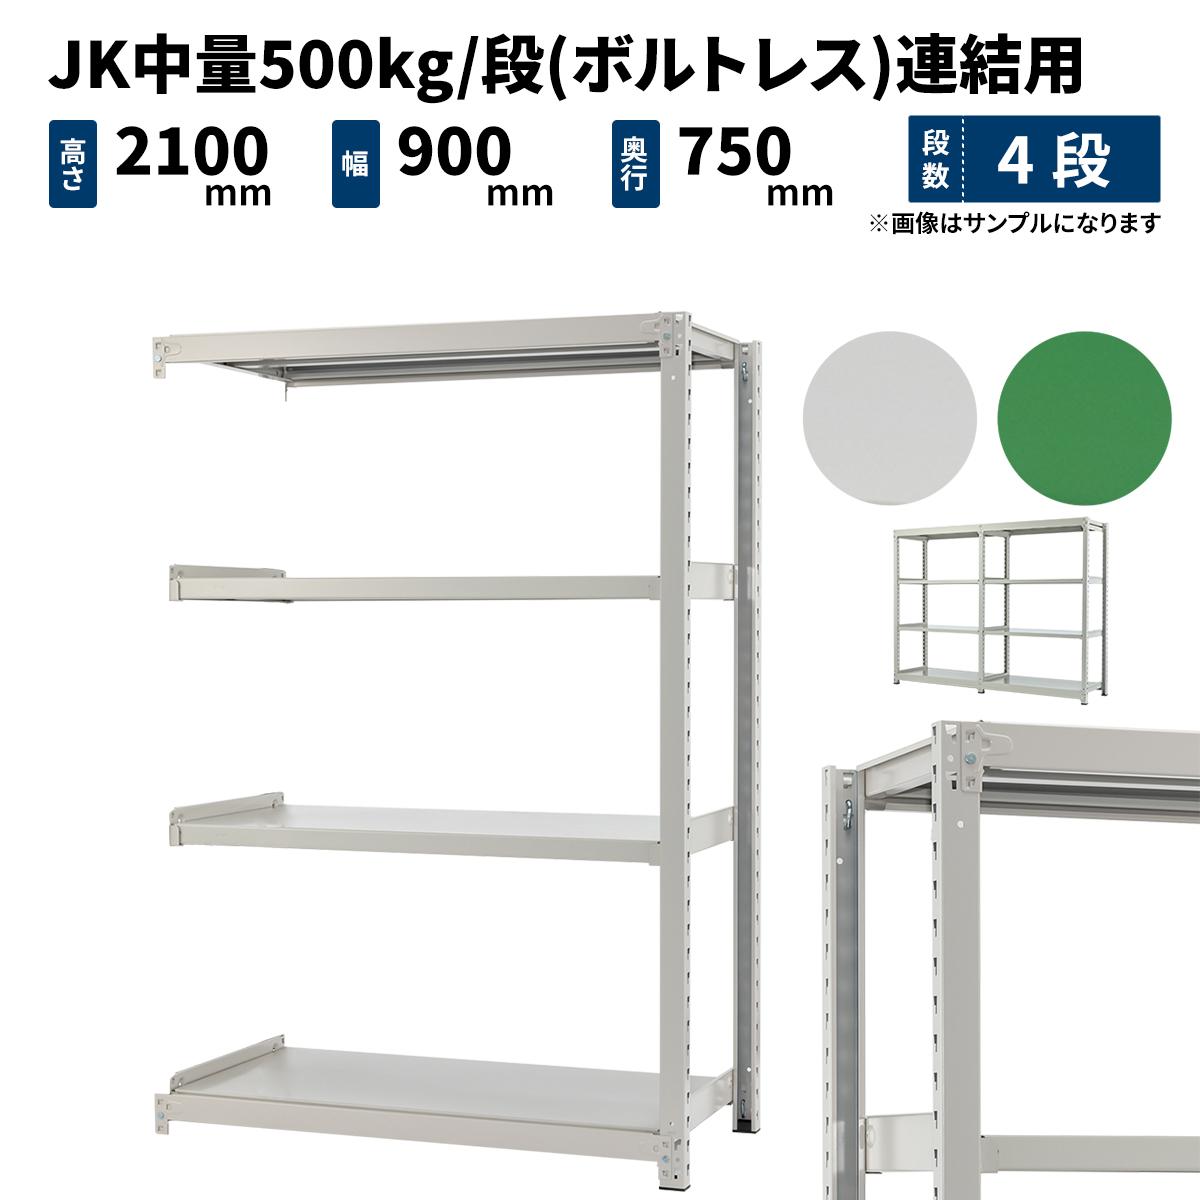 スチールラック 業務用 JK中量500kg/段(ボルトレス) 連結形式 高さ2100×幅900×奥行750mm 4段 ホワイトグレー/グリーン (66kg) JK500_R-210975-4